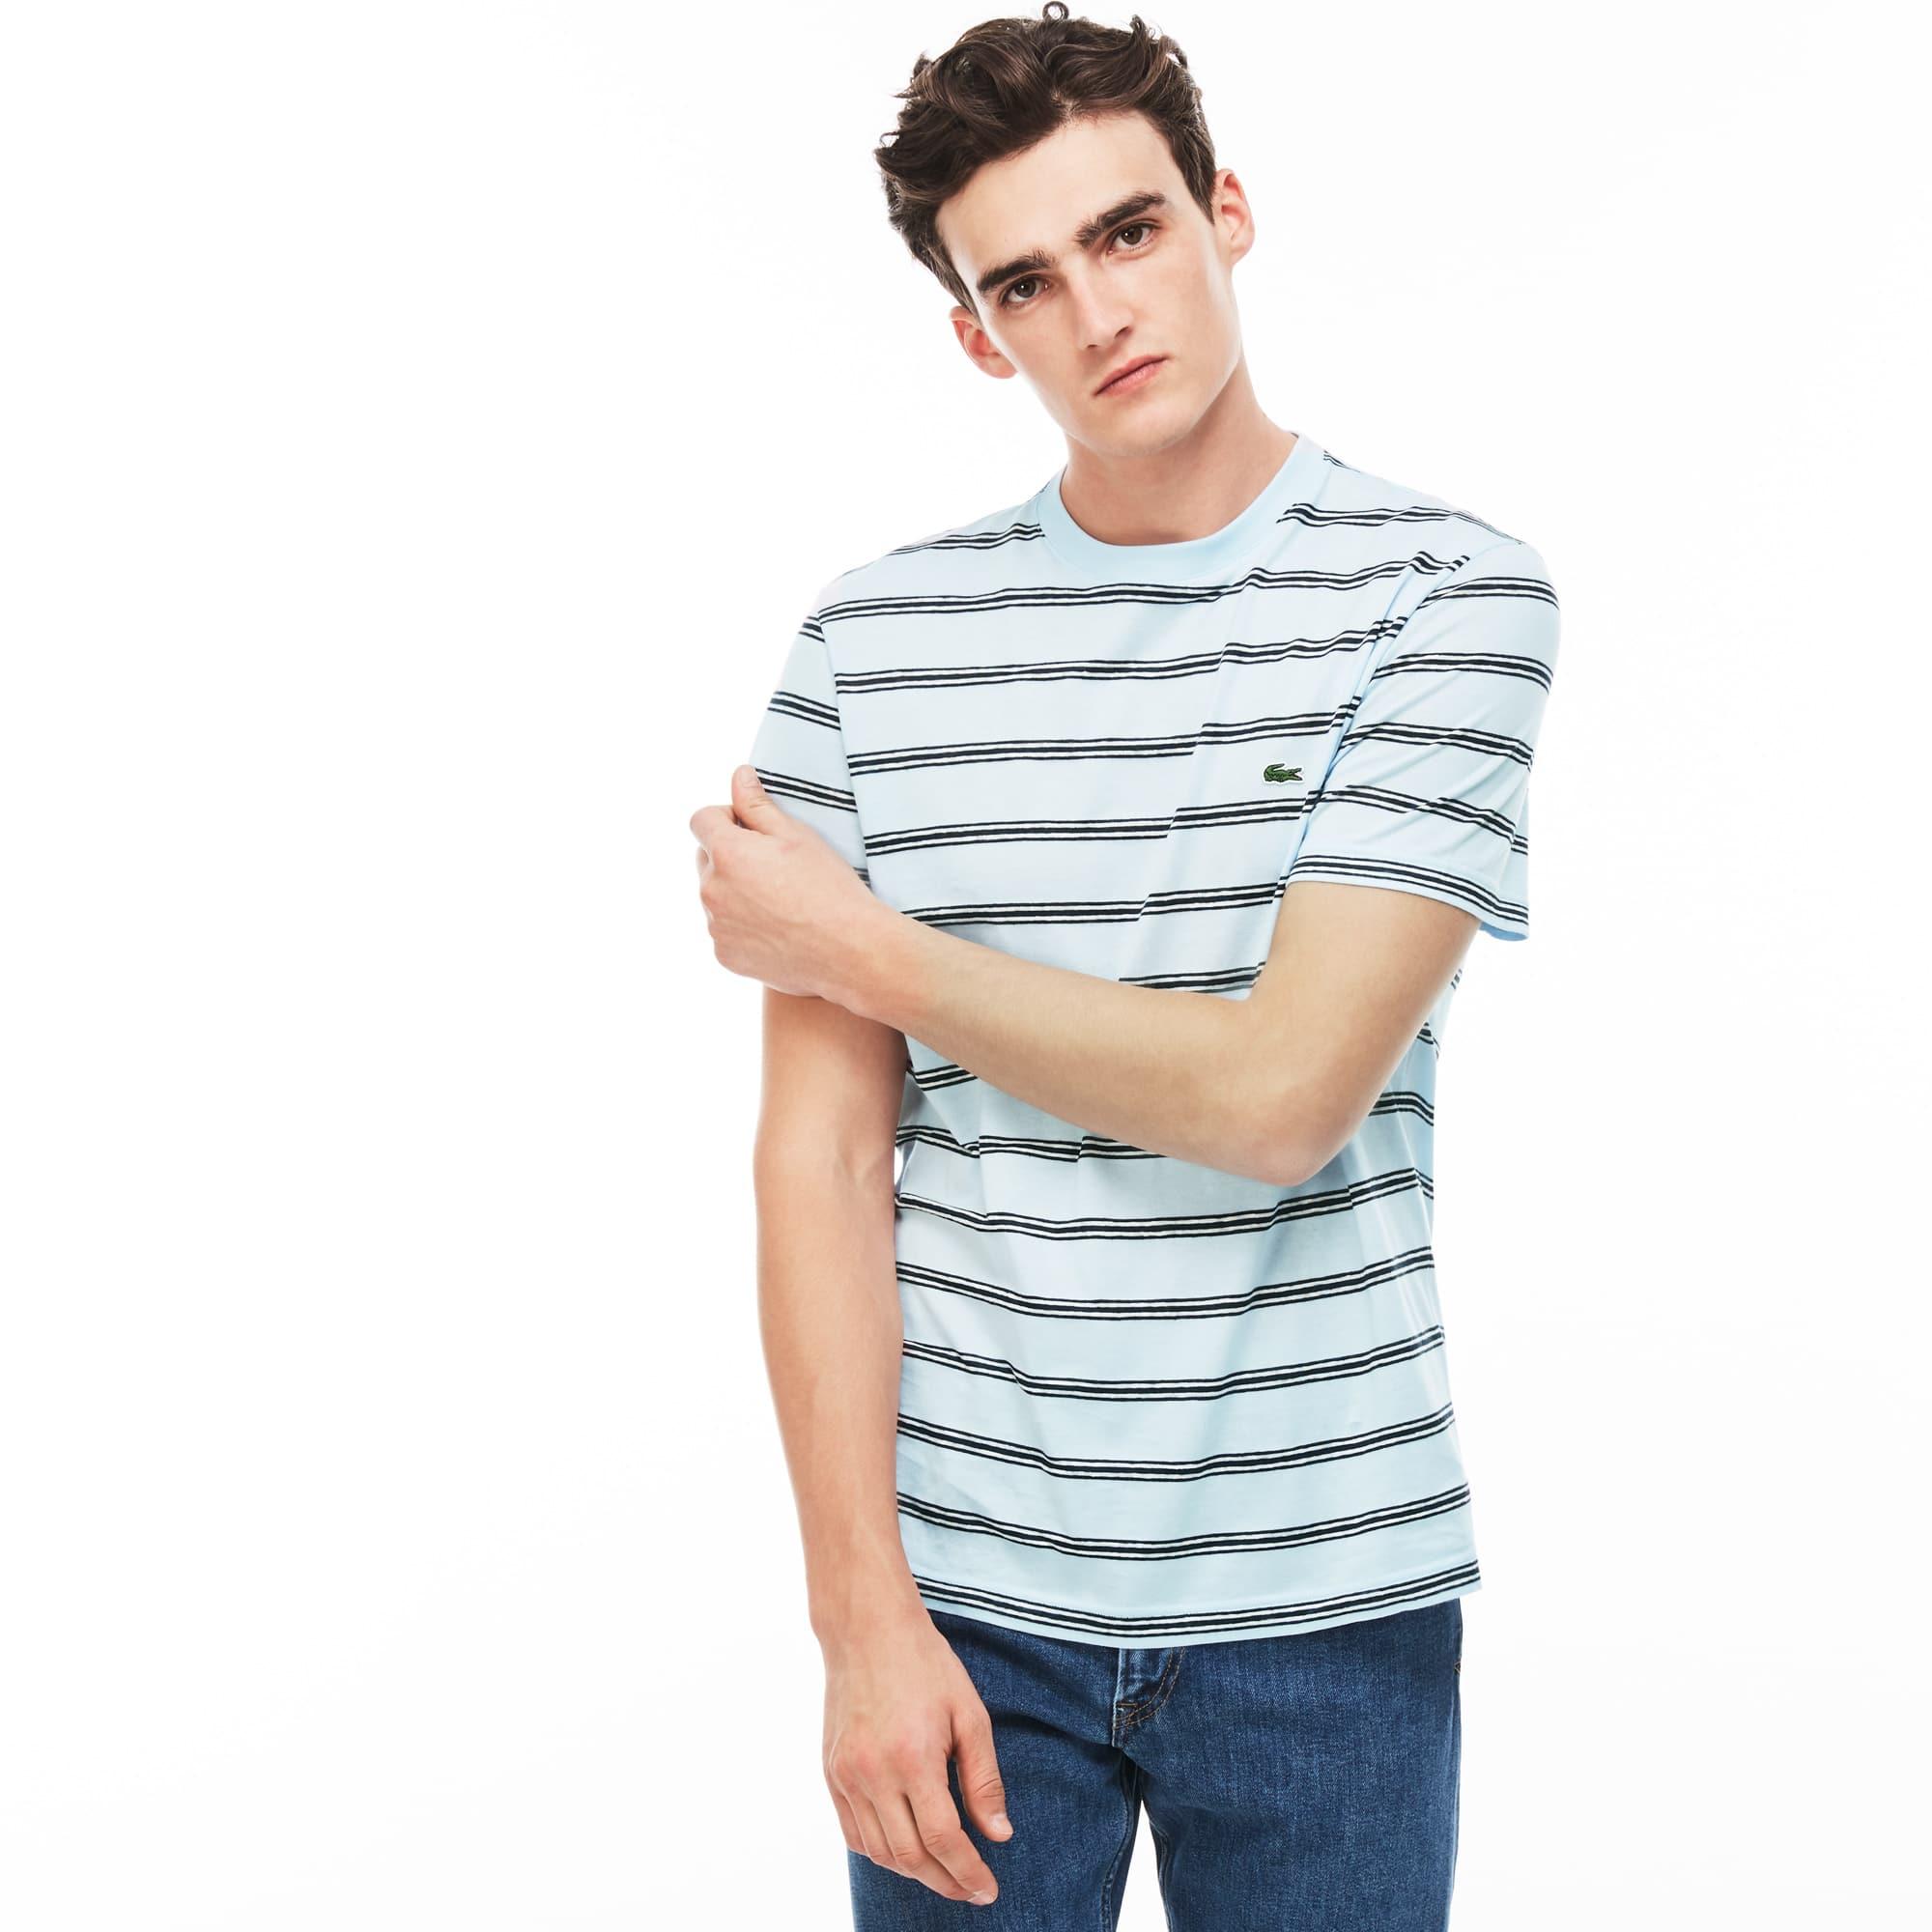 T-shirt decote redondo em jersey de algodão e linha às riscas